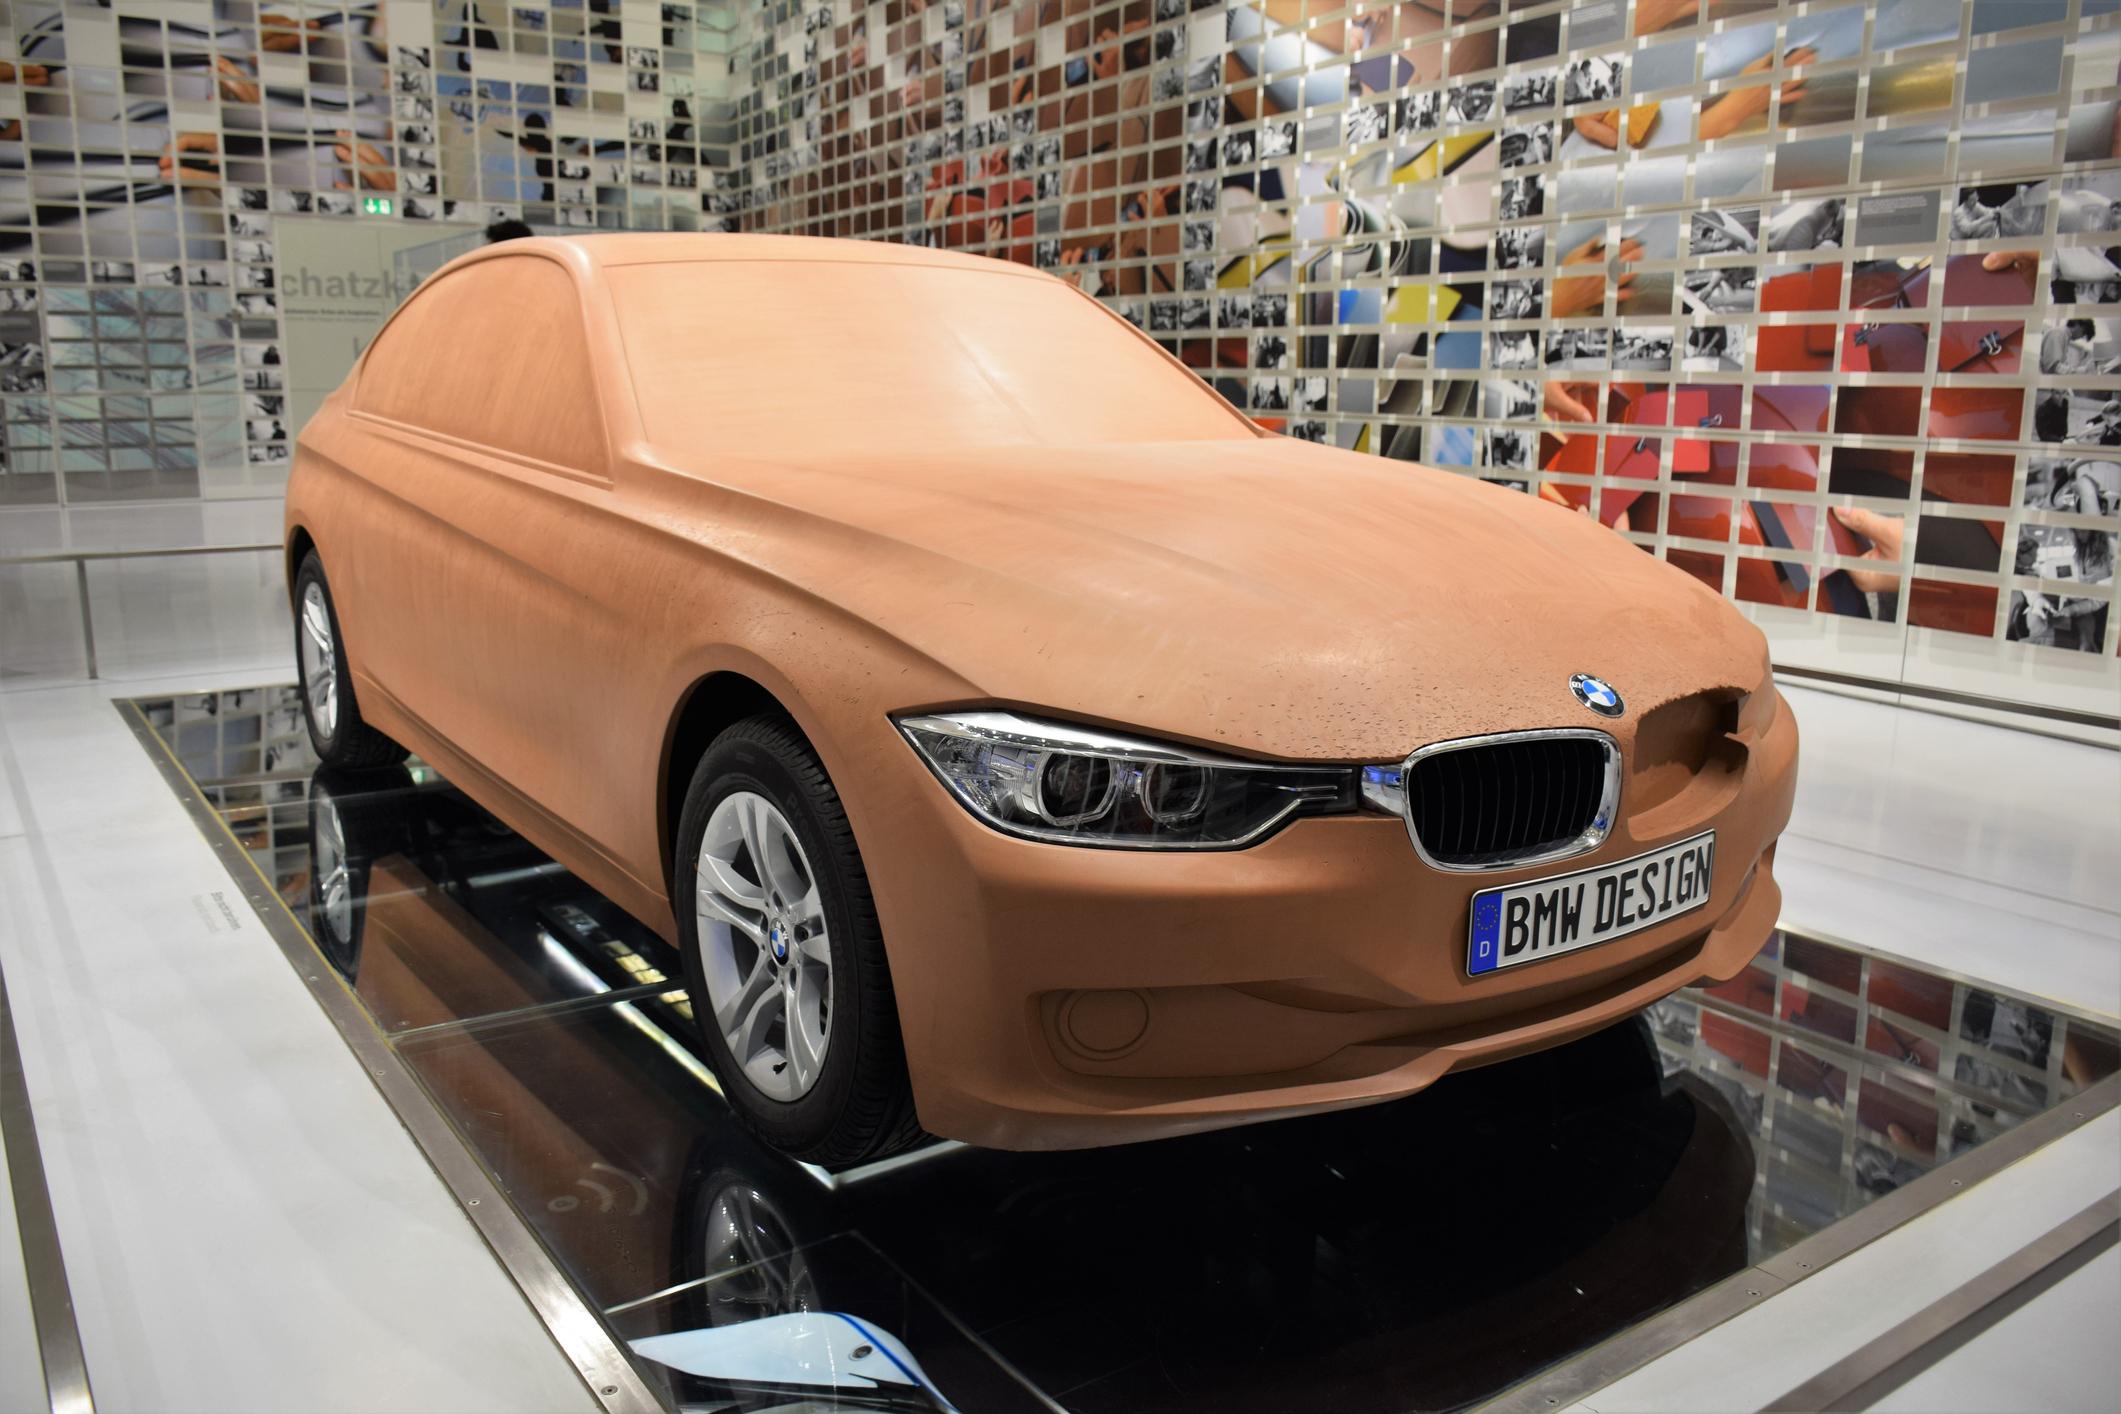 Hliněný model BMW